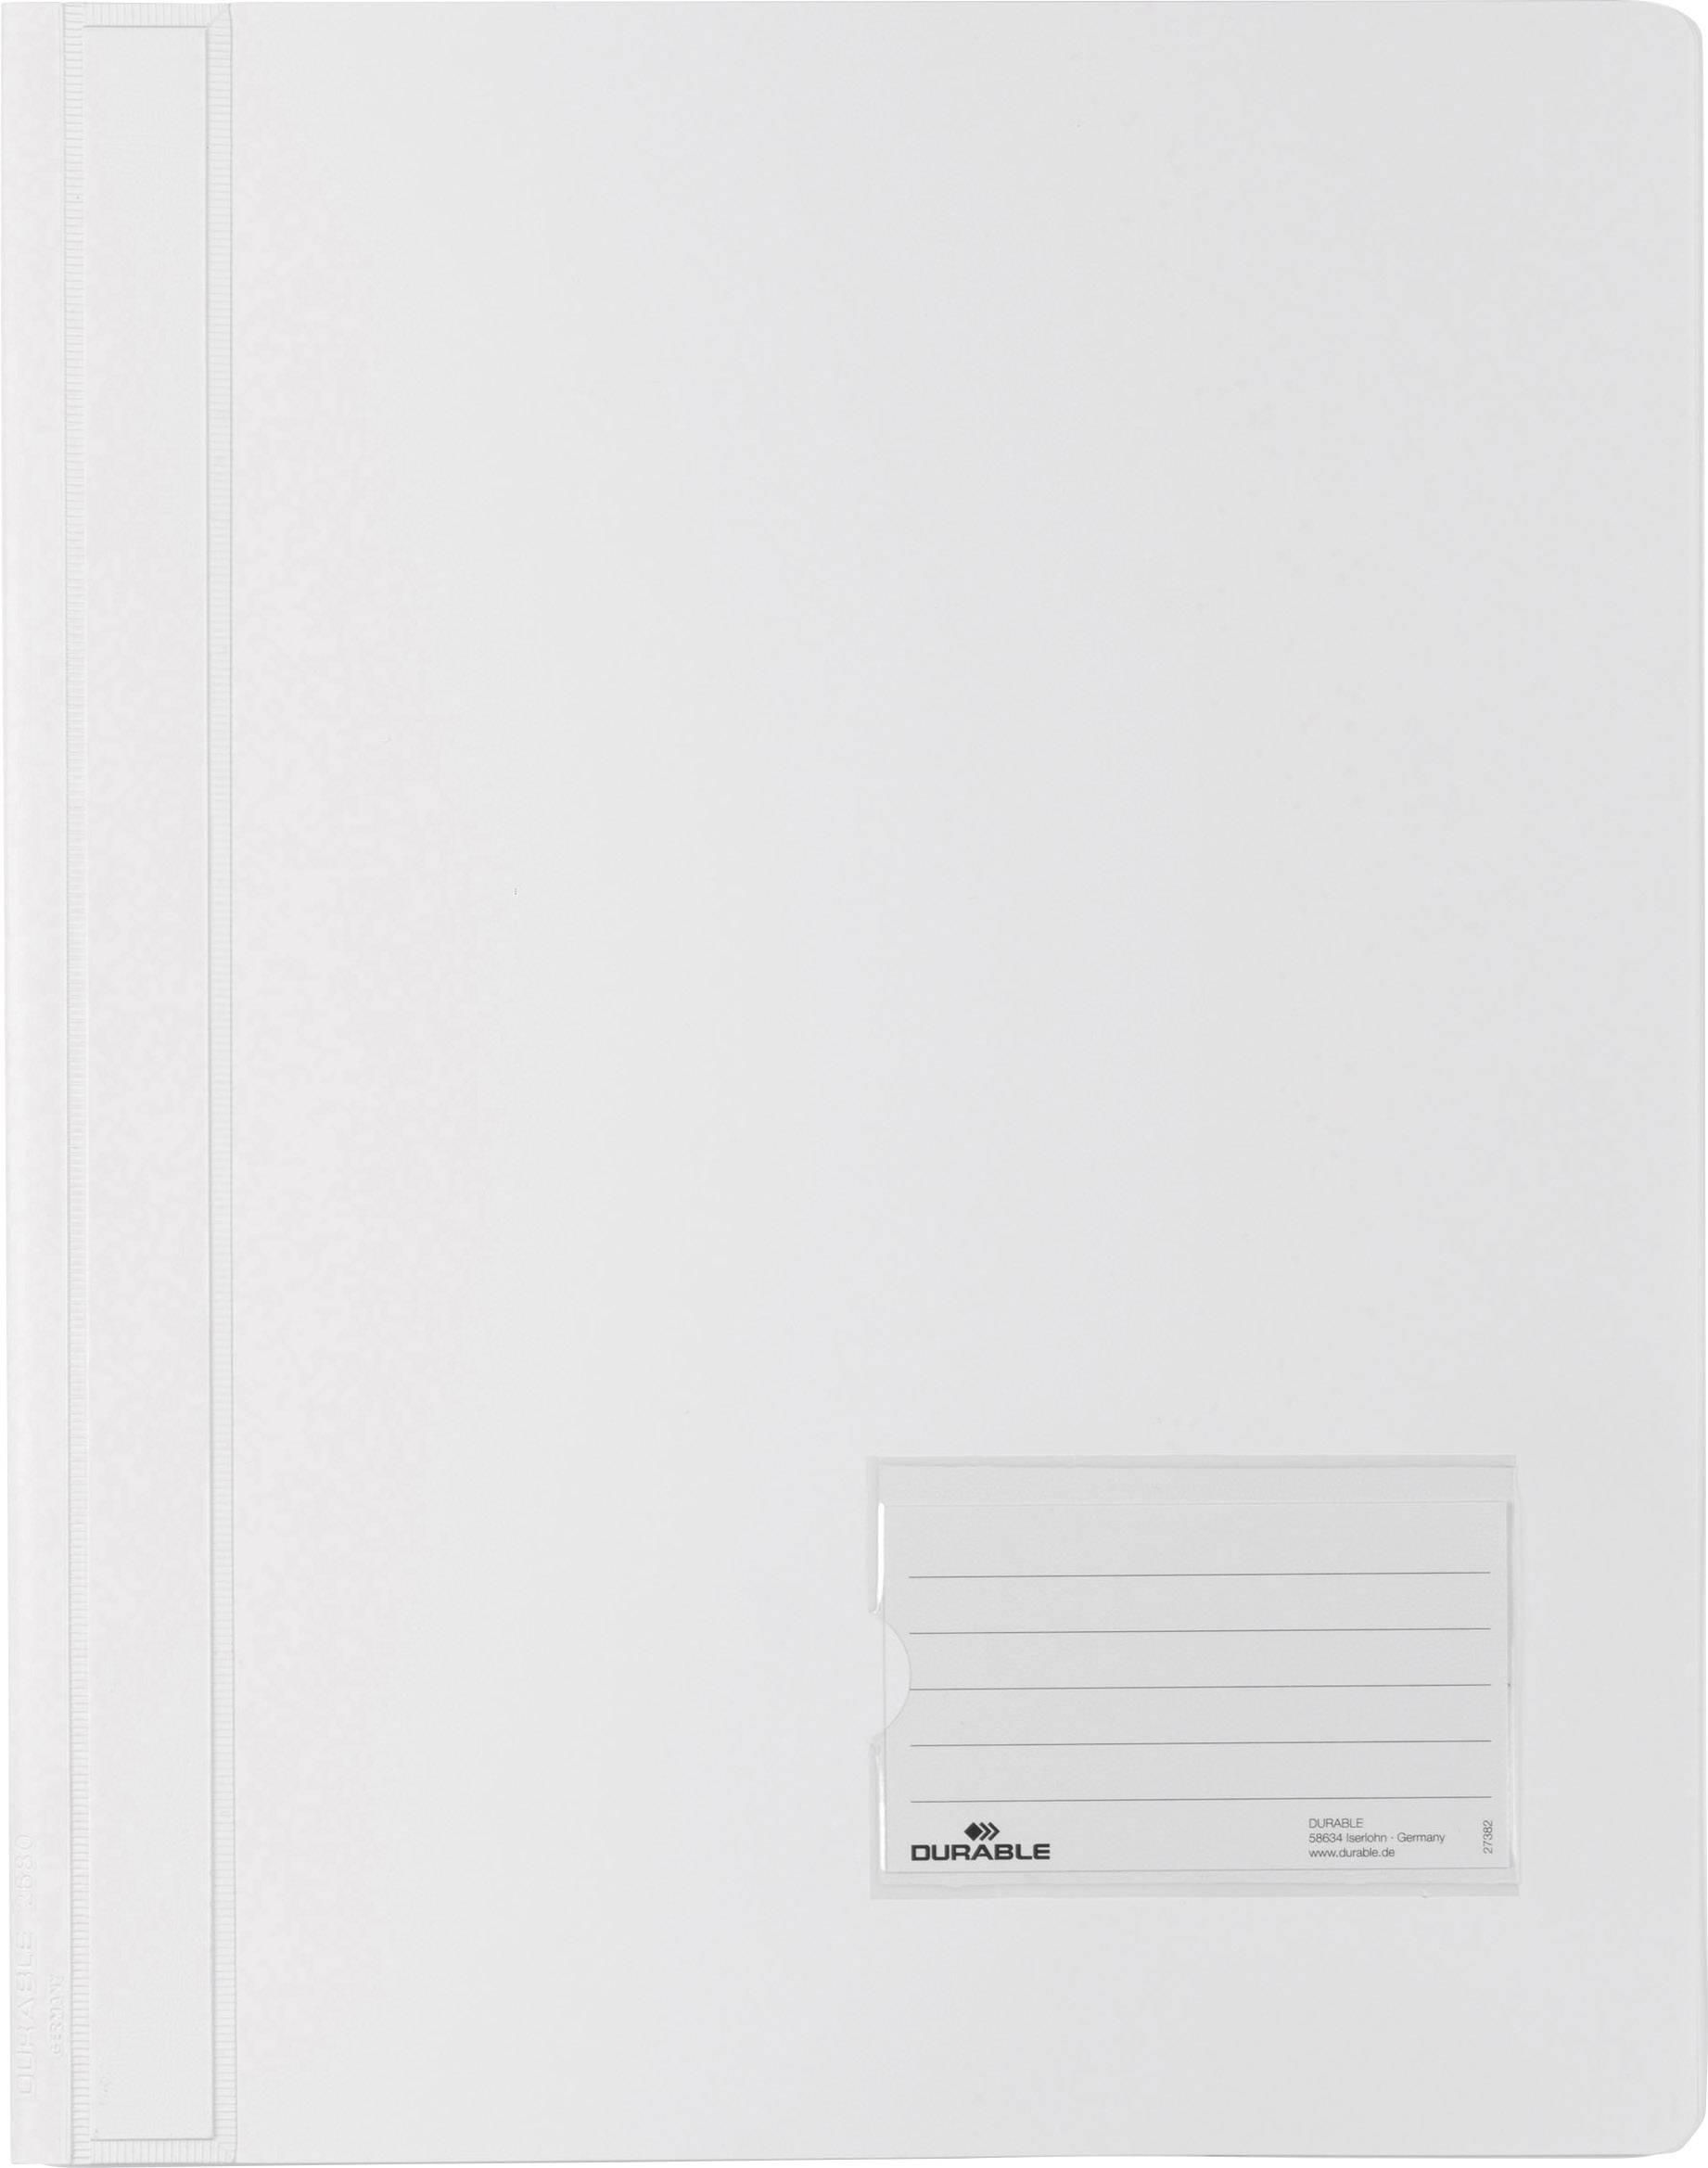 Durable DURALUX 268002 spenjalnik bela din a4+ markirno okno (90 mm x 57 mm), zaščita pred praskami, notranji žep (na za